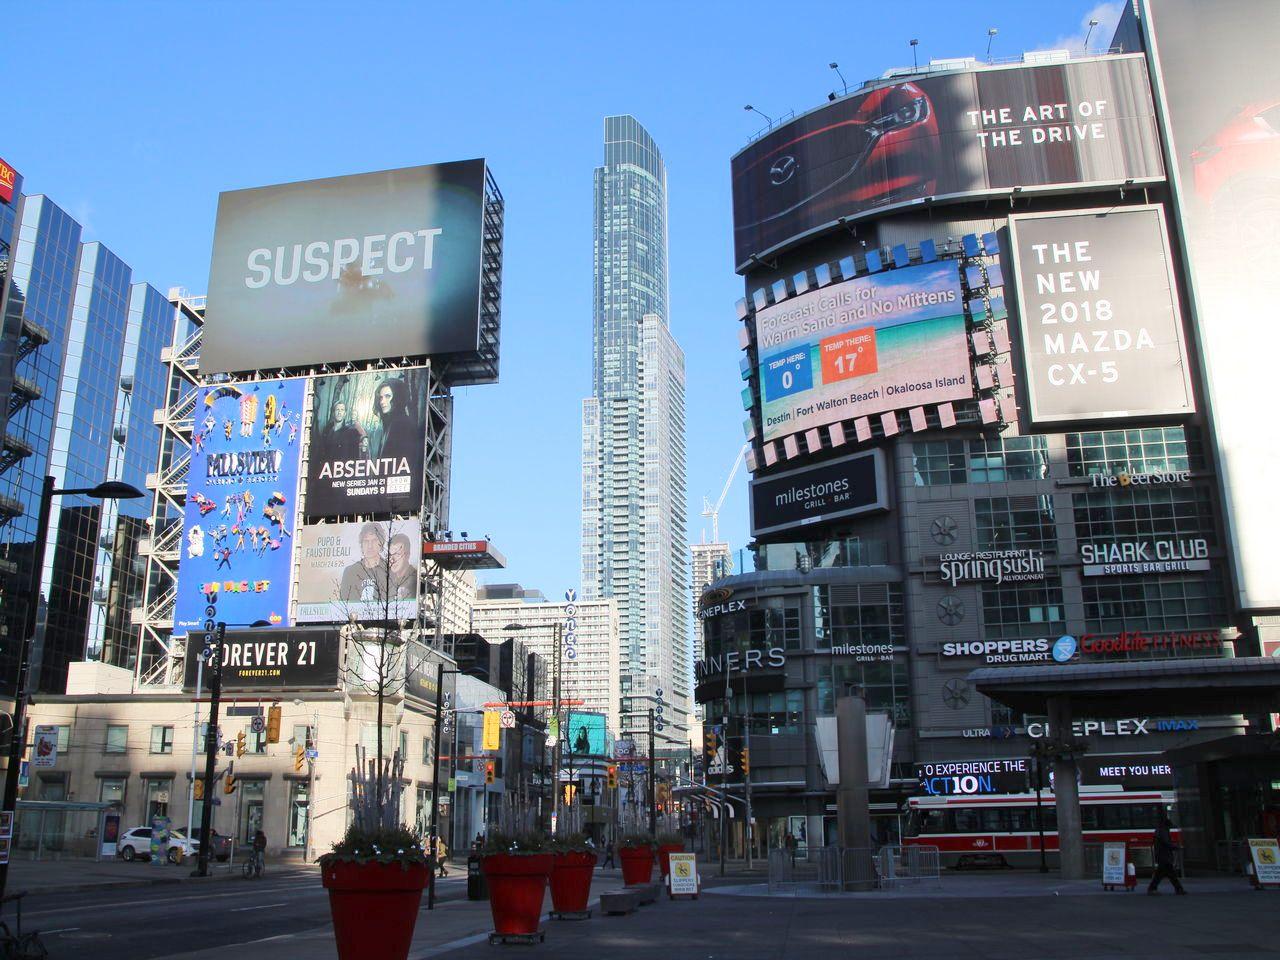 Qué ver y hacer en Toronto: Yonge-Dundas Square y su parecido a Times Square.